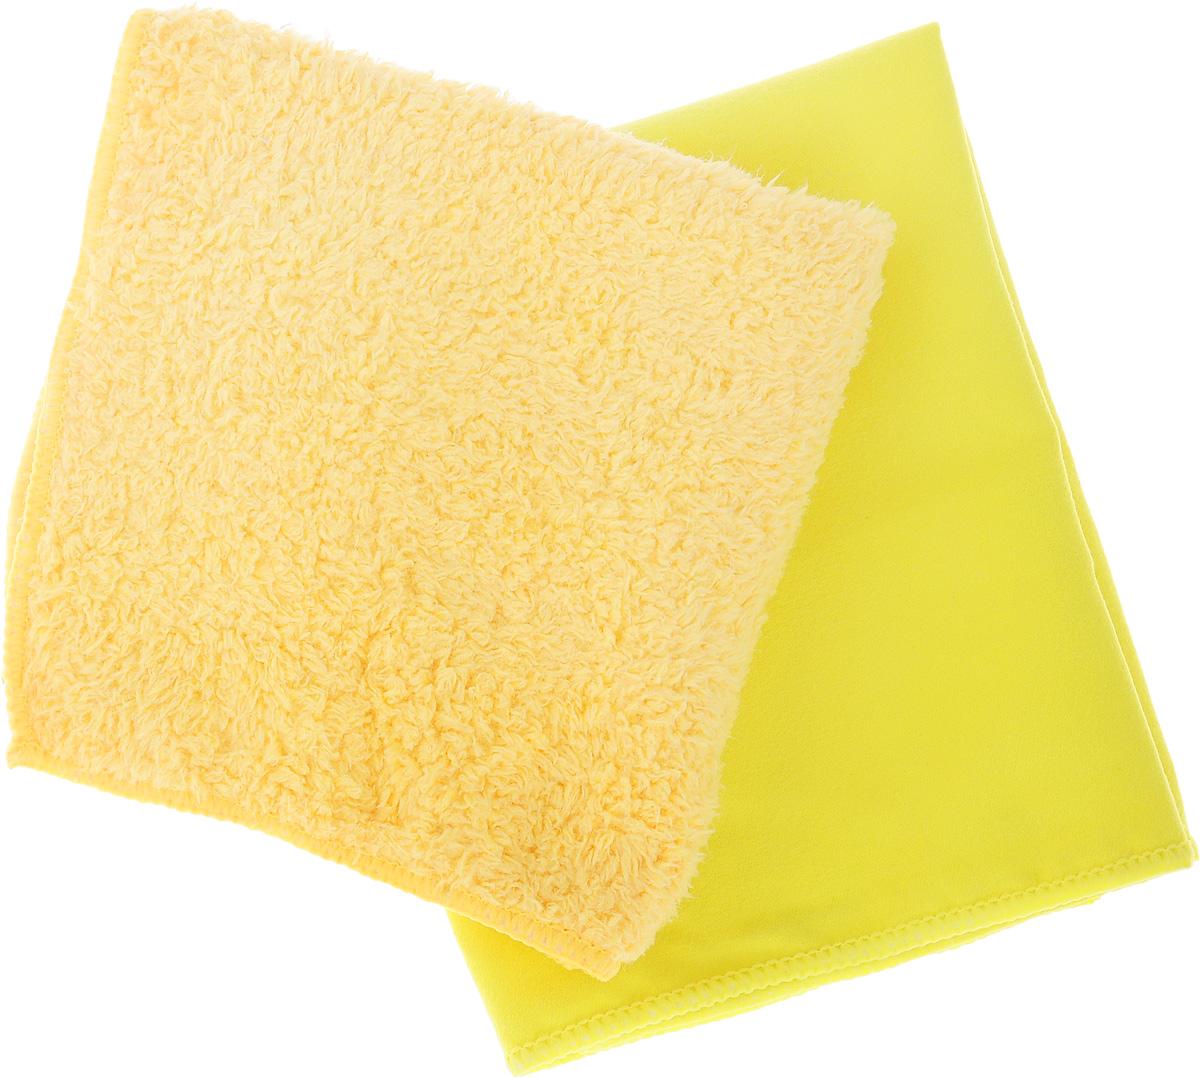 Набор салфеток для мытья и полировки автомобиля Sapfire Cleaning Сloth & Suede, цвет: желтый, оранжево-желтый, 35 х 40 см, 2 штSFM-3069_желтый, оранжево-желтыйНабор многофункциональных салфеток Sapfire Cleaning Cloth & Suede выполнен из микрофибры и искусственной замши. Каждая нить после специальной химической обработки расщепляется на 12-16 клиновидных микроволокон. Микрофибровое полотно удаляет грязь с поверхности намного эффективнее, быстрее и значительно более бережно в сравнении с обычной тканью, что существенно снижает время на проведение уборки, поскольку отсутствует необходимость протирать одно и то же место дважды. Набор обладает уникальной способностью быстро впитывать большой объем жидкости. Клиновидные микроскопические волокна захватывают и легко удерживают частички пыли, жировой и никотиновый налет, микроорганизмы, в том числе болезнетворные и вызывающие аллергию. Нежная текстура искусственной замши идеально подходит для сухой протирки деликатных поверхностей. Салфетка великолепно удаляет пыль и грязь. Протертая поверхность становится идеально чистой, сухой, блестящей, без...